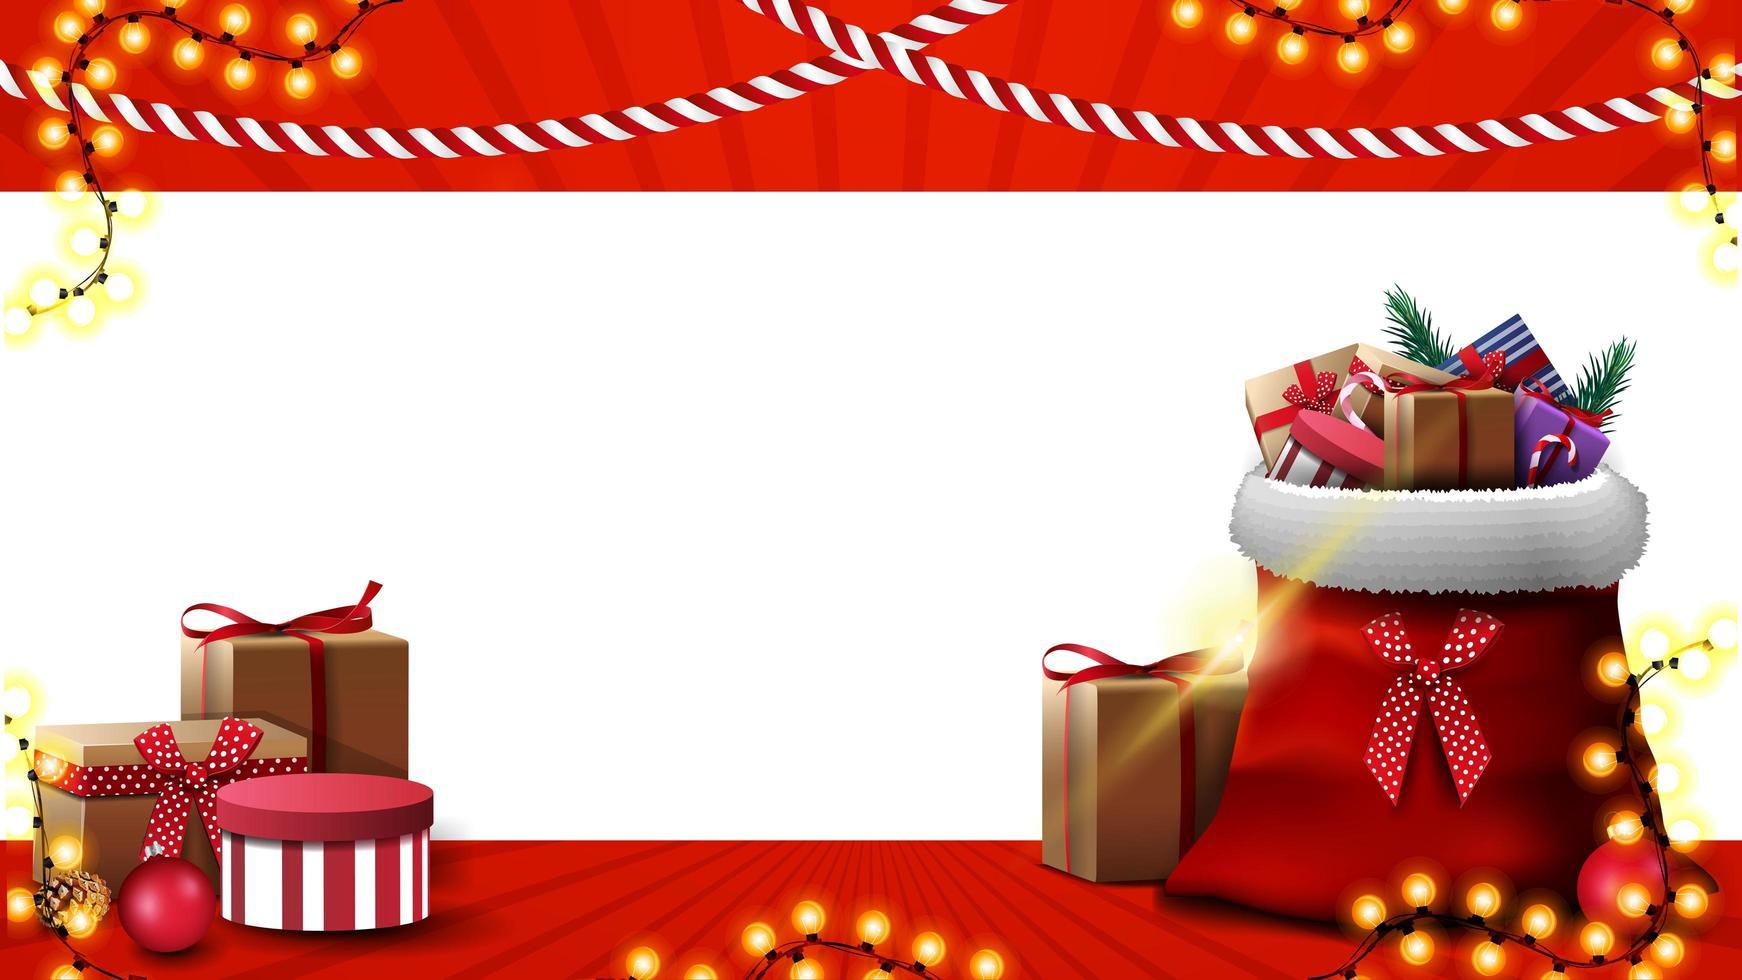 plantilla de navidad para tarjeta de felicitación o banner de descuento. plantilla de navidad con lugar para texto y bolsa de santa claus con regalos vector